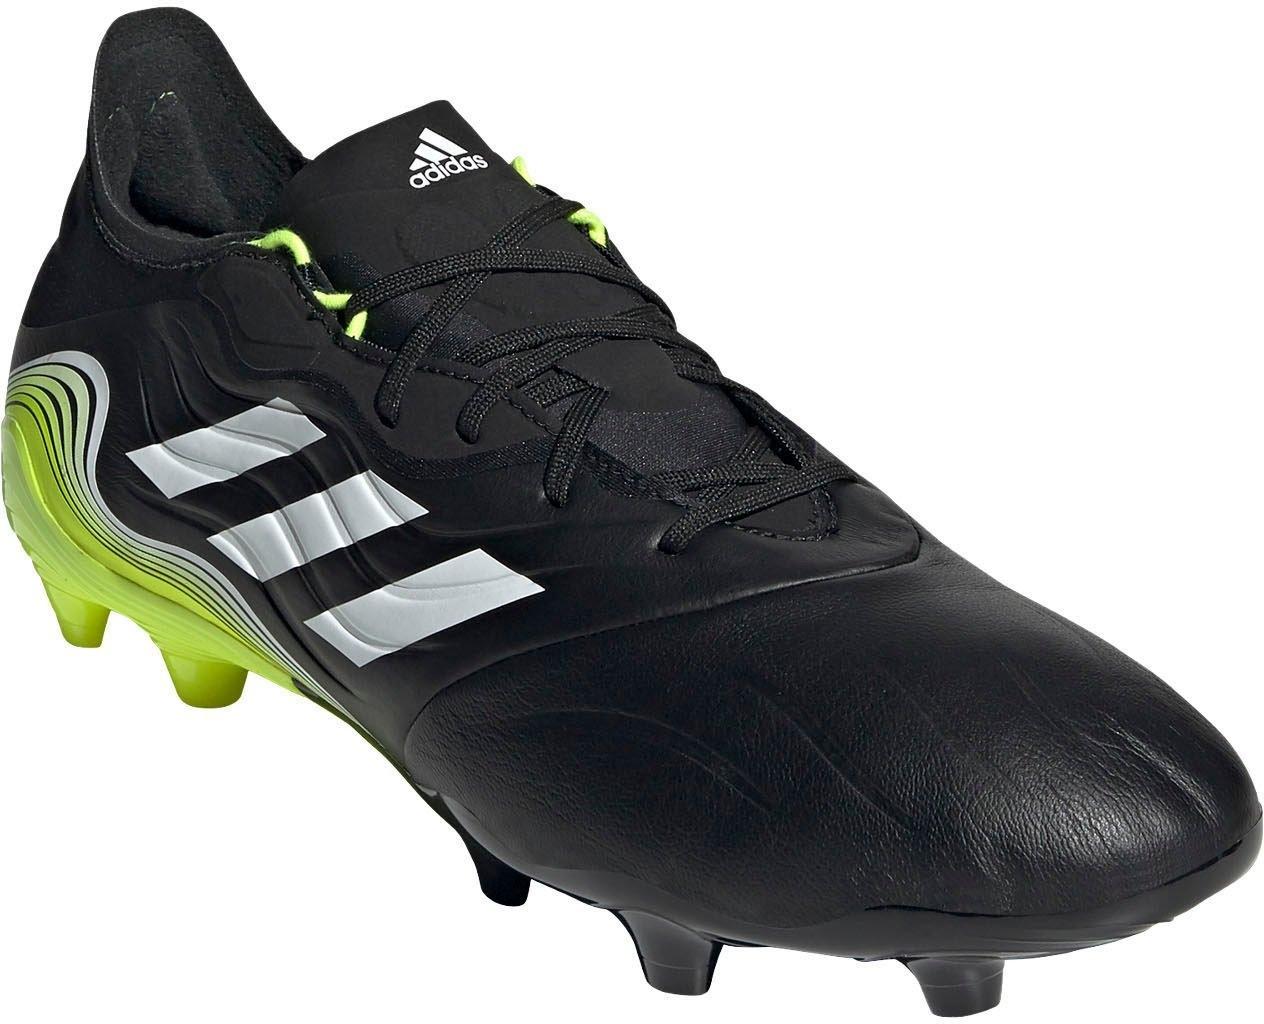 adidas Performance voetbalschoenen COPA SENSE 2 FG nu online kopen bij OTTO